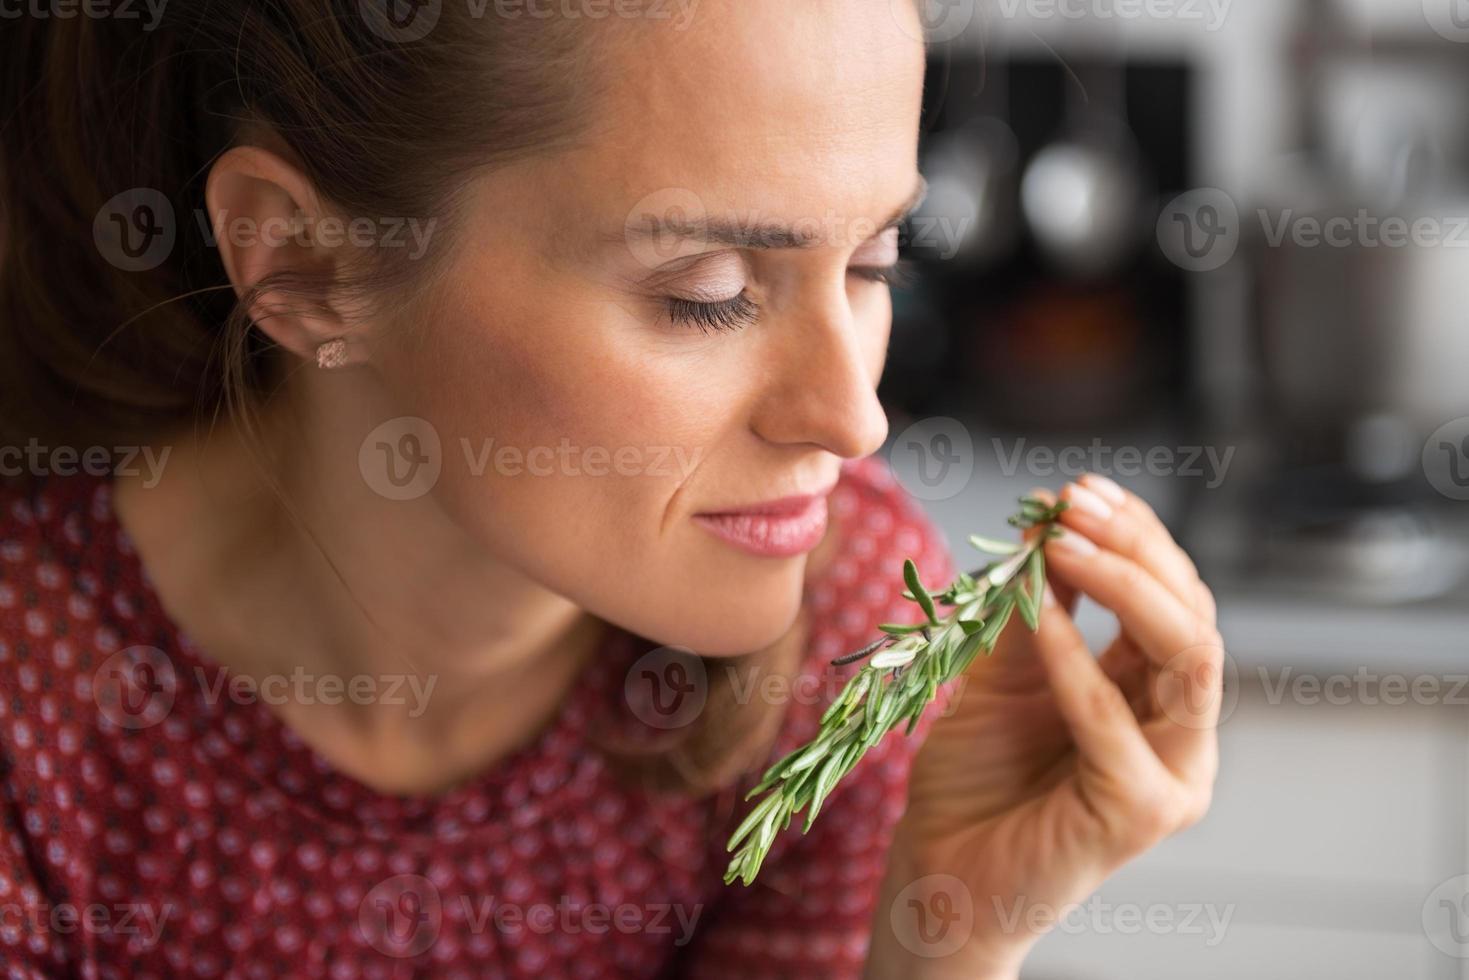 giovane casalinga che gode del rosmarinus fresco foto